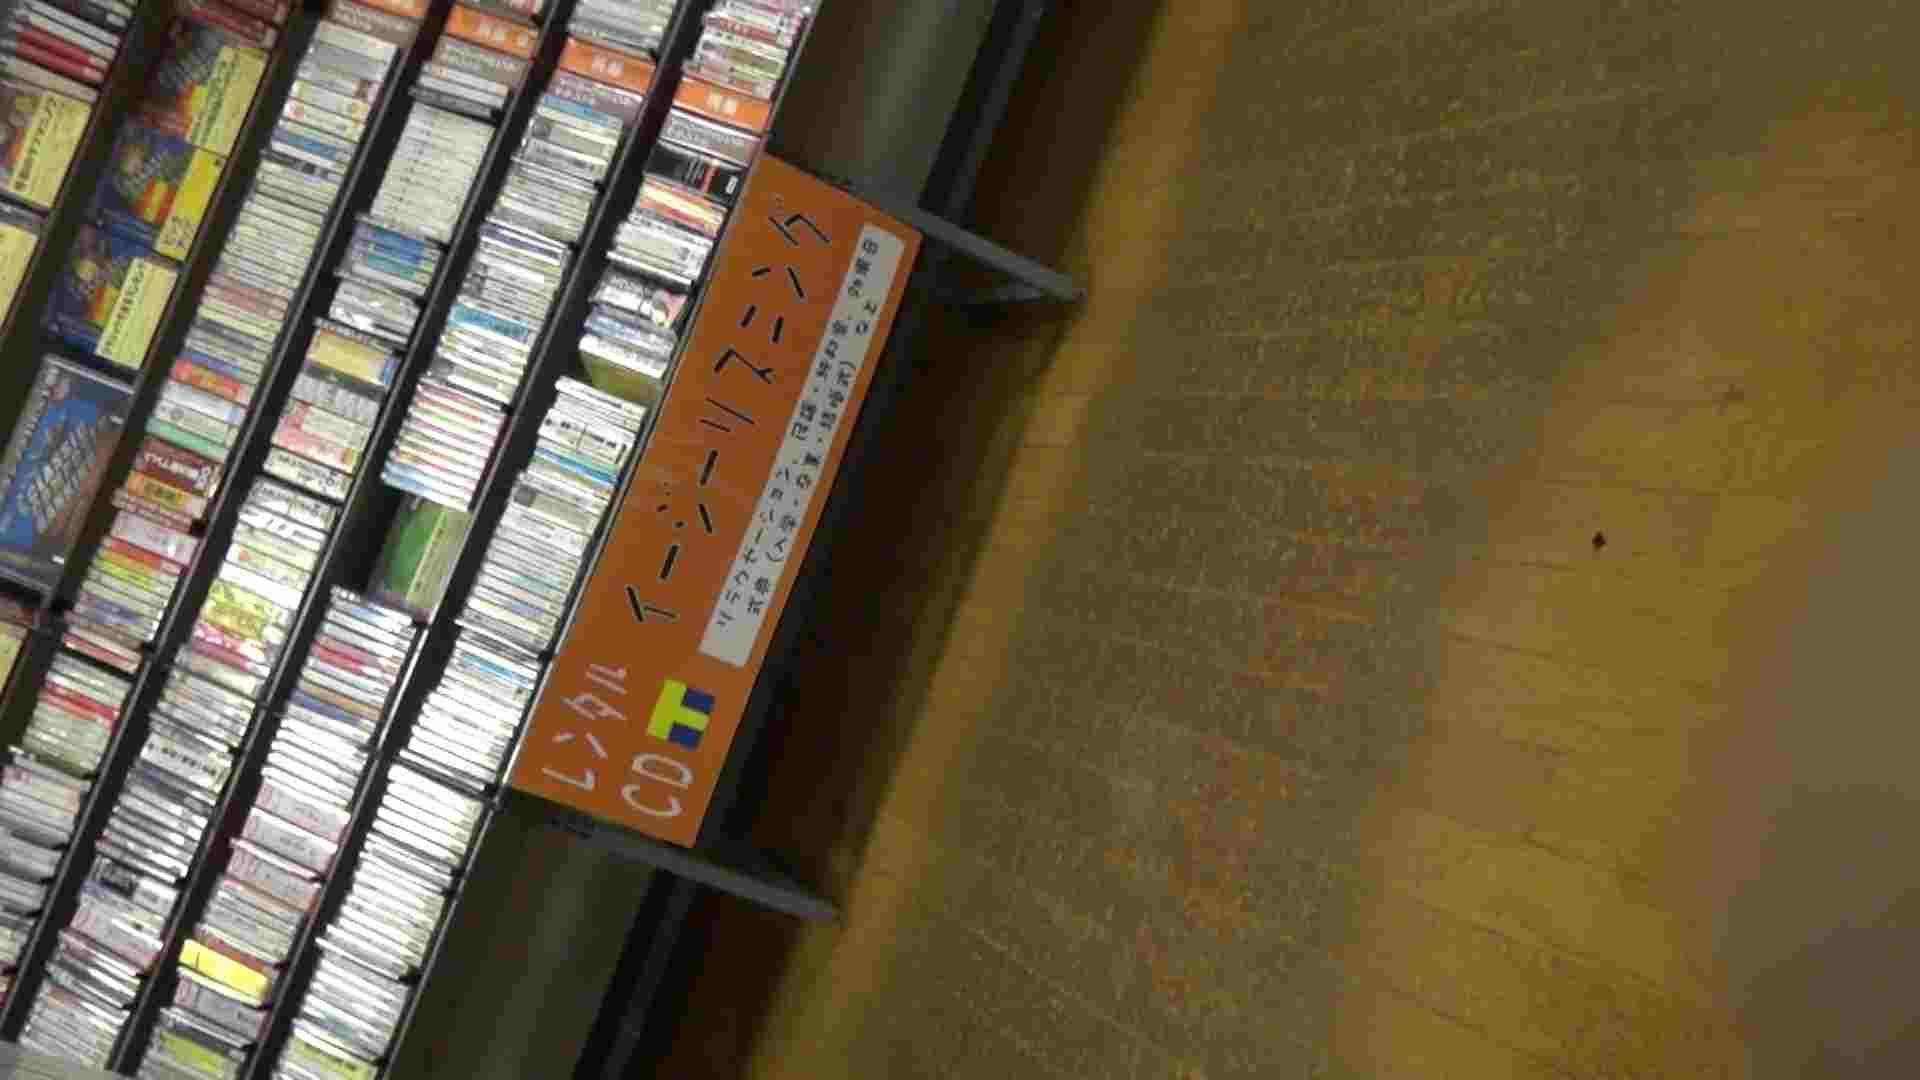 近所のお店は危険がイッパイ vol.9 美しいOLの裸体  104pic 54